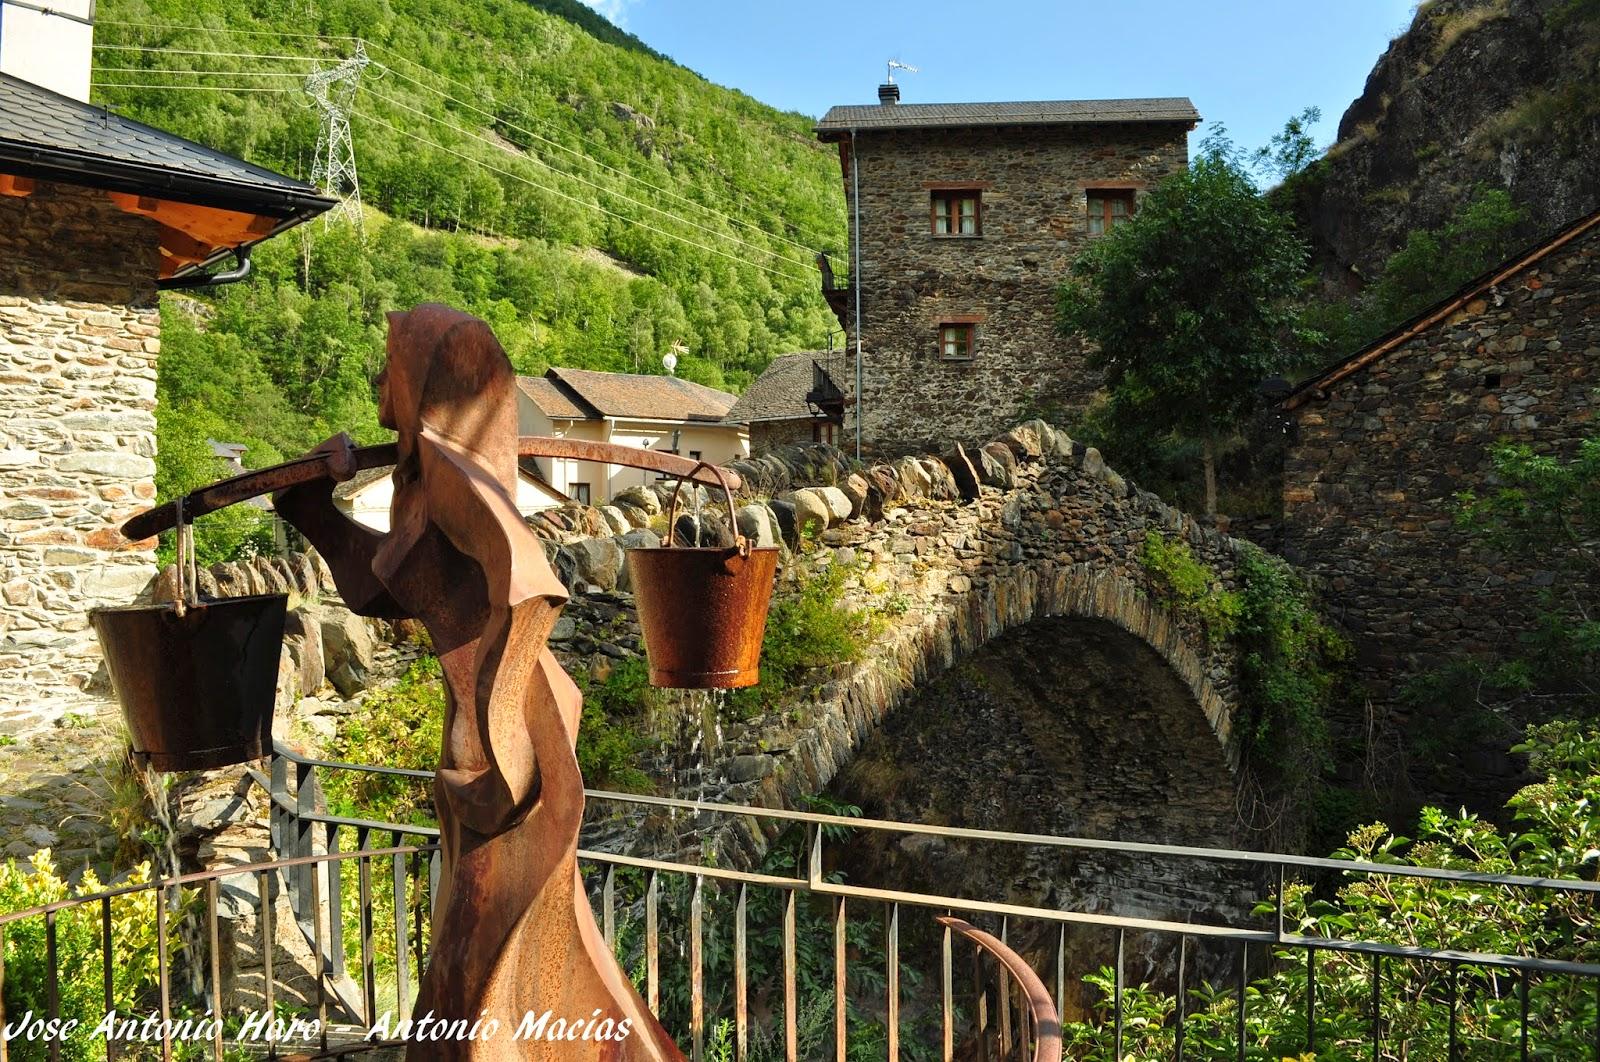 Nos vamos a campear tavascan parque natural del alt pirineu - Casas rurales en los pirineos catalanes ...